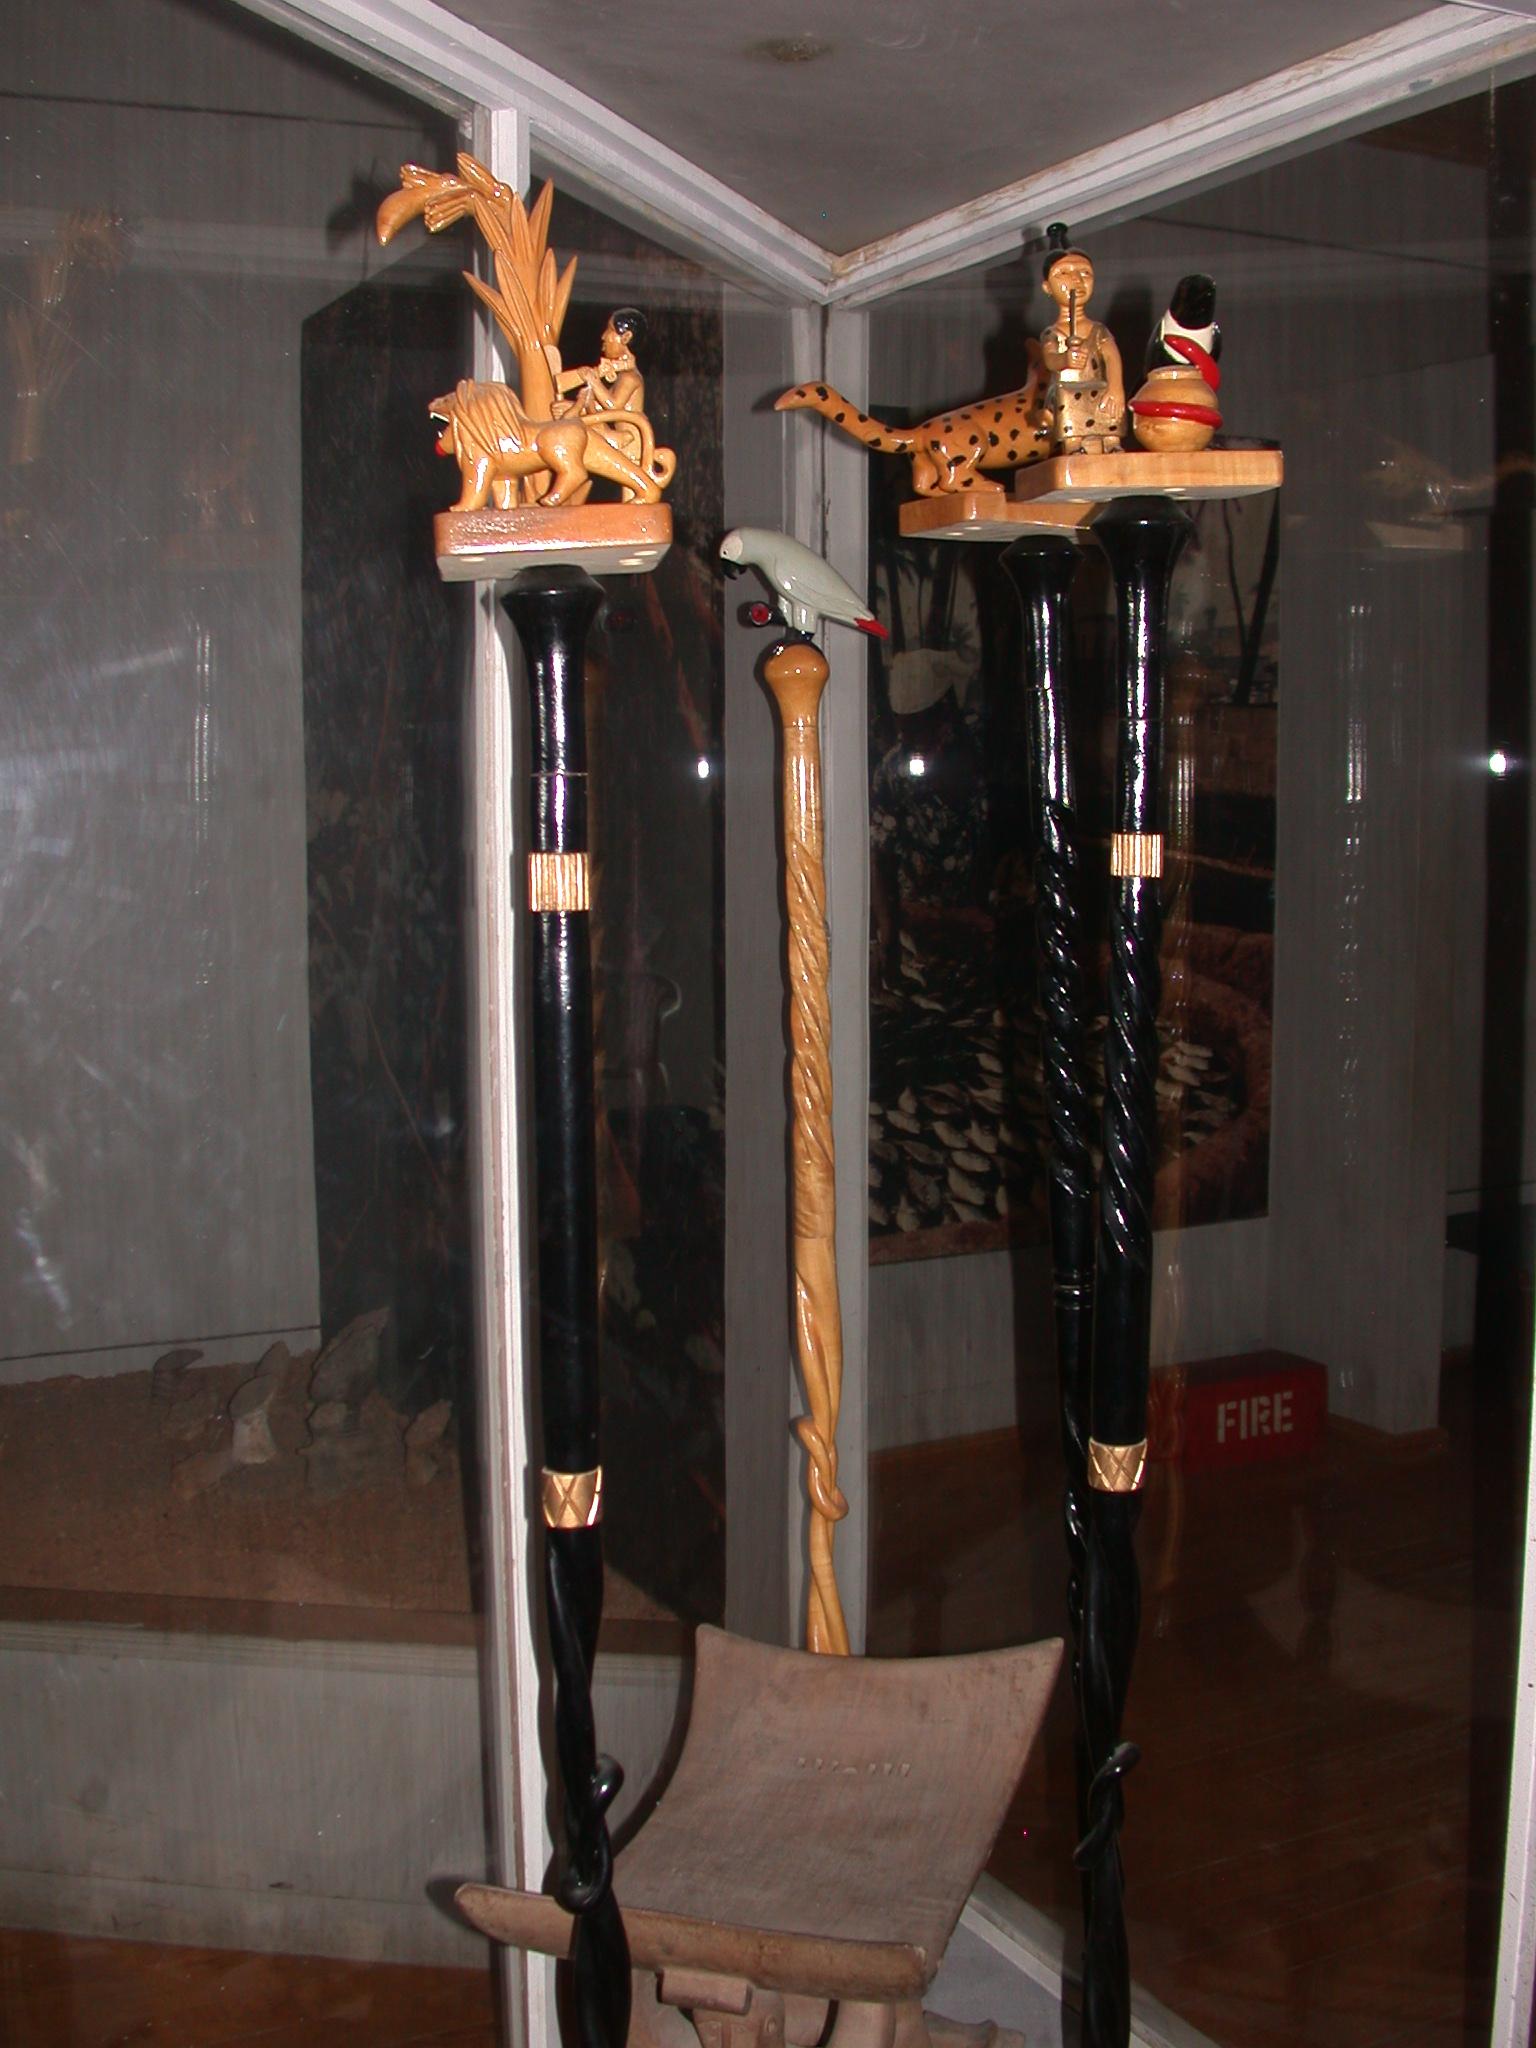 Ghana Clan Staffs, Cape Coast Slave Fort Museum, Cape Coast, Ghana